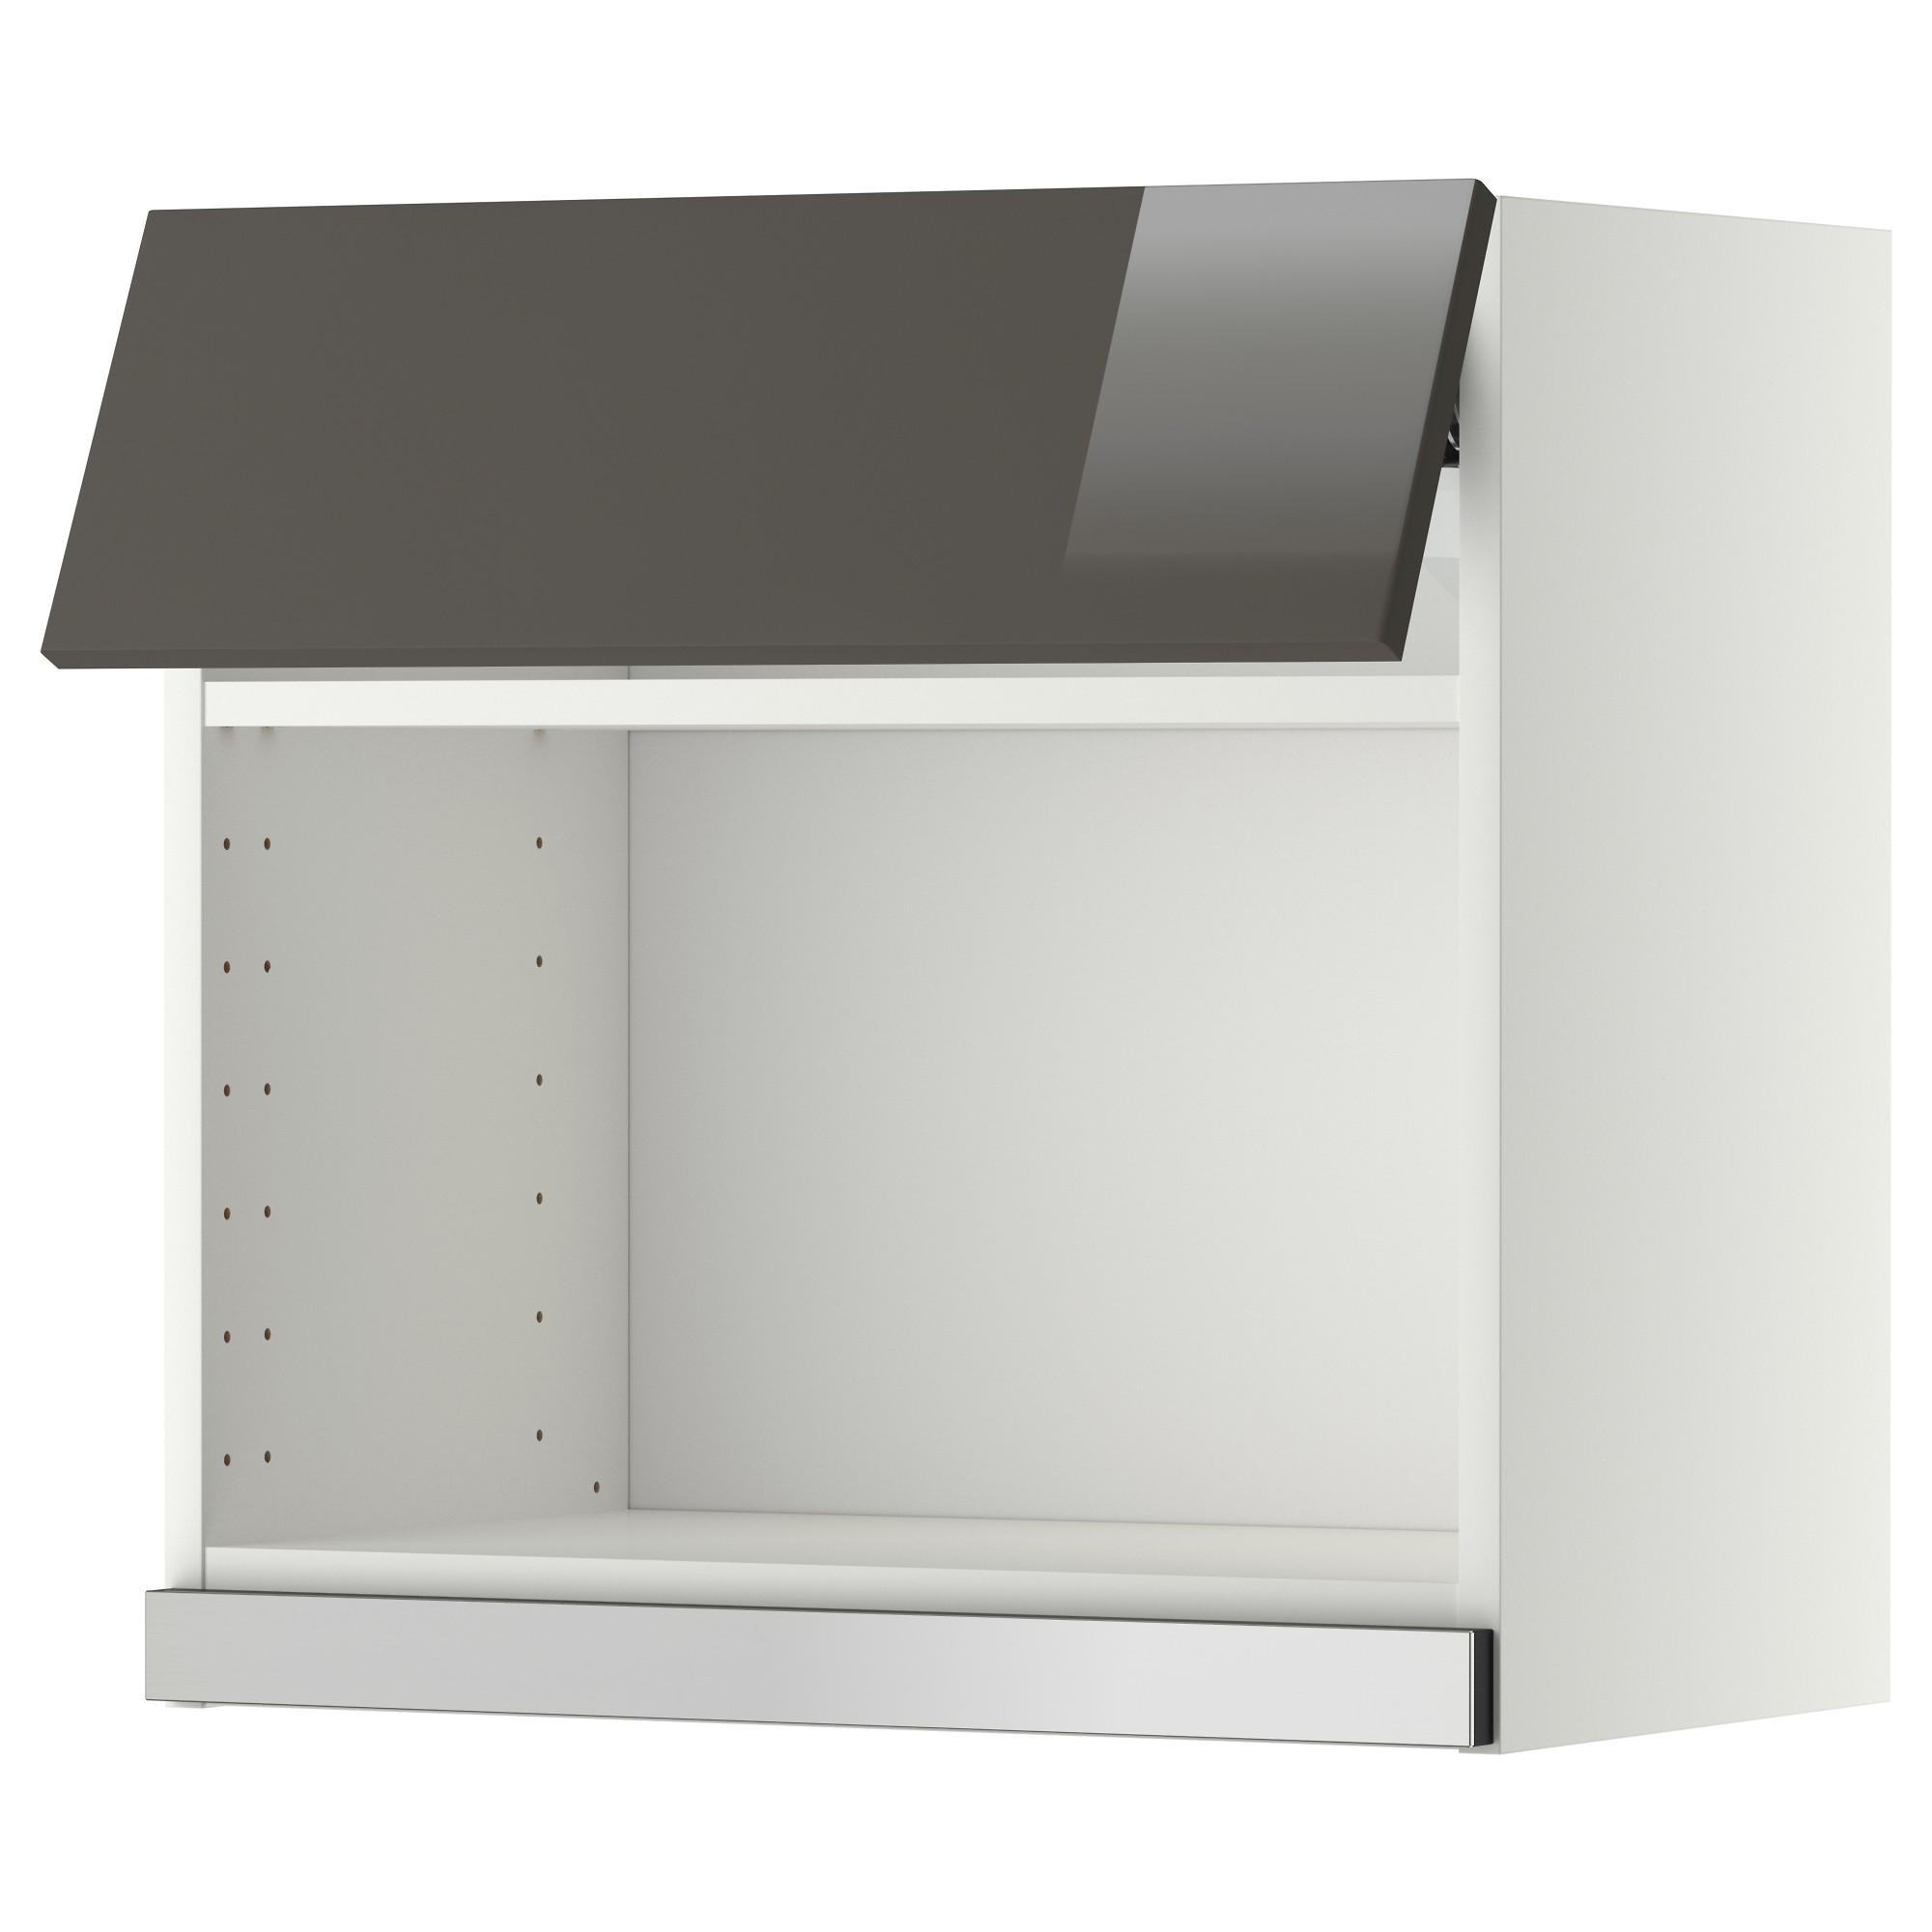 купить навесной шкаф для свч печи метод белый рингульт